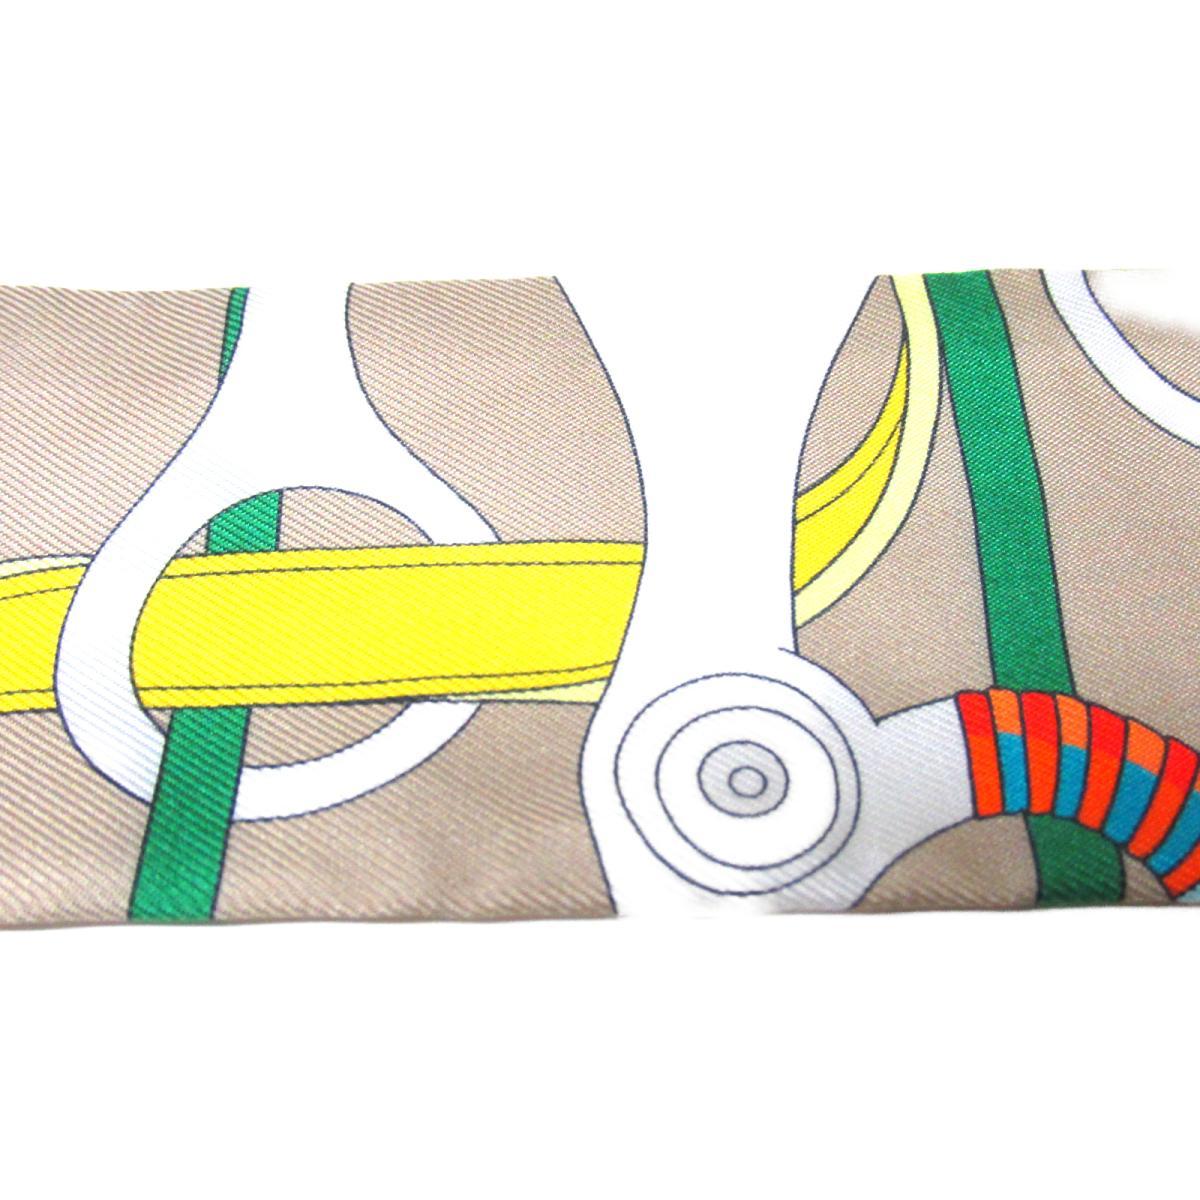 エルメス トゥイリー 衣料品 レディース シルク ベージュxイエローxホワイトxグリーンHERMES BRANDOFF0nwOkX8P